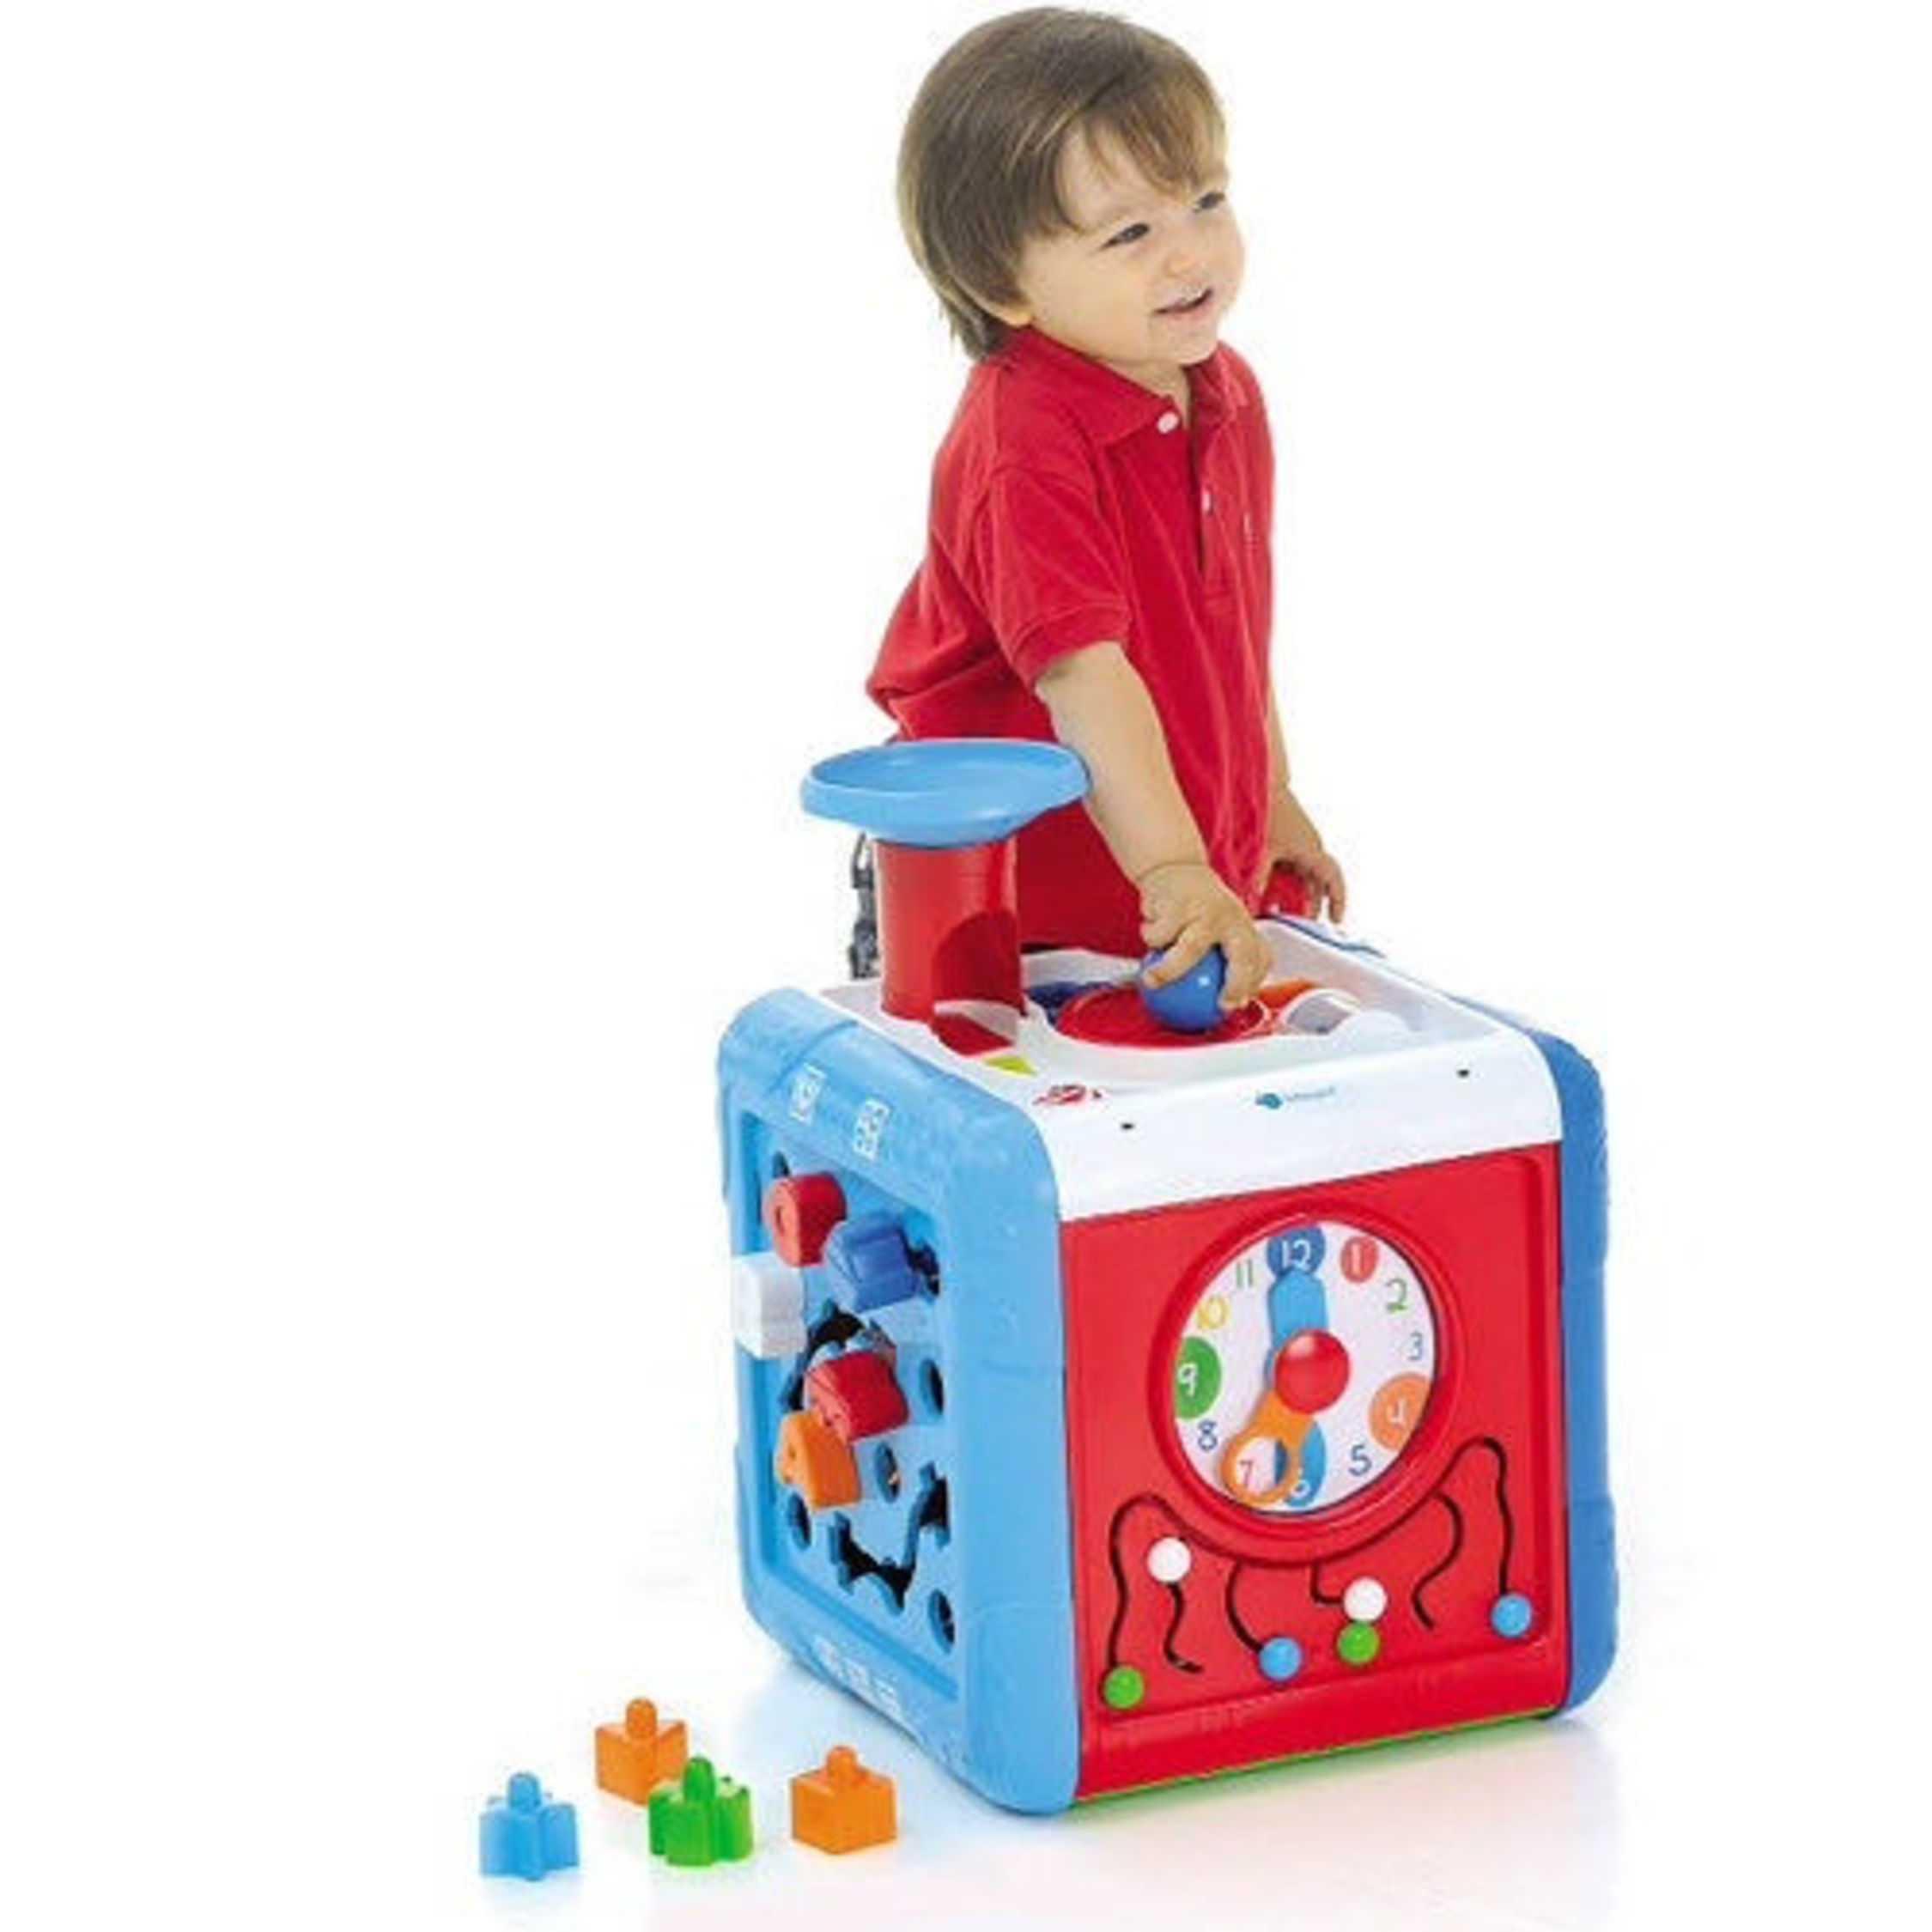 Подарок на 1 год мальчику: идеи 94